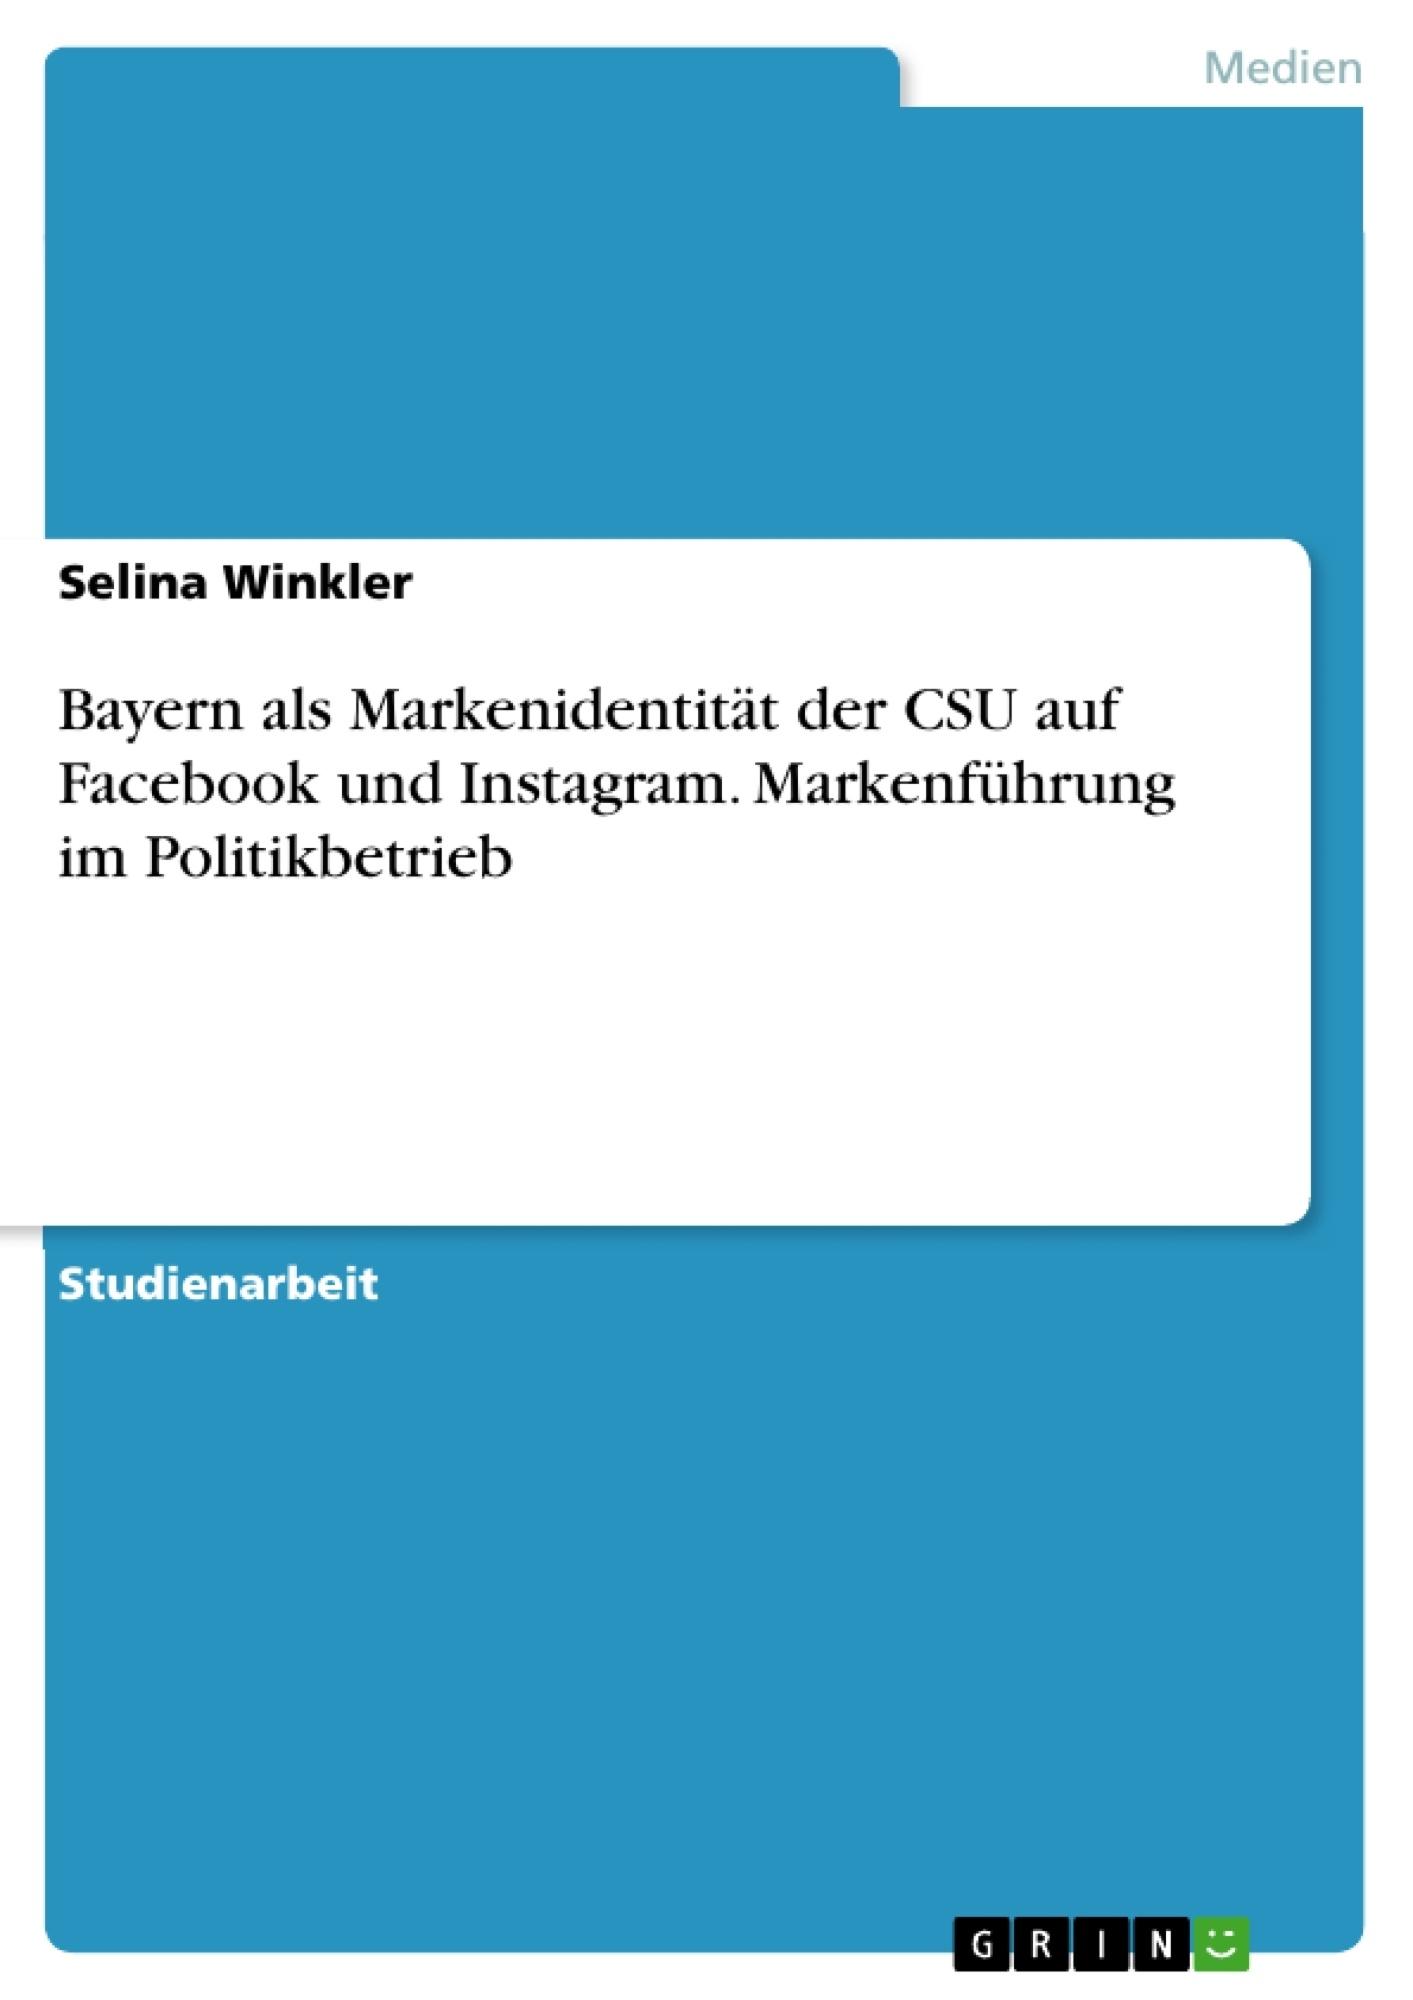 Titel: Bayern als Markenidentität der CSU auf Facebook und Instagram. Markenführung im Politikbetrieb